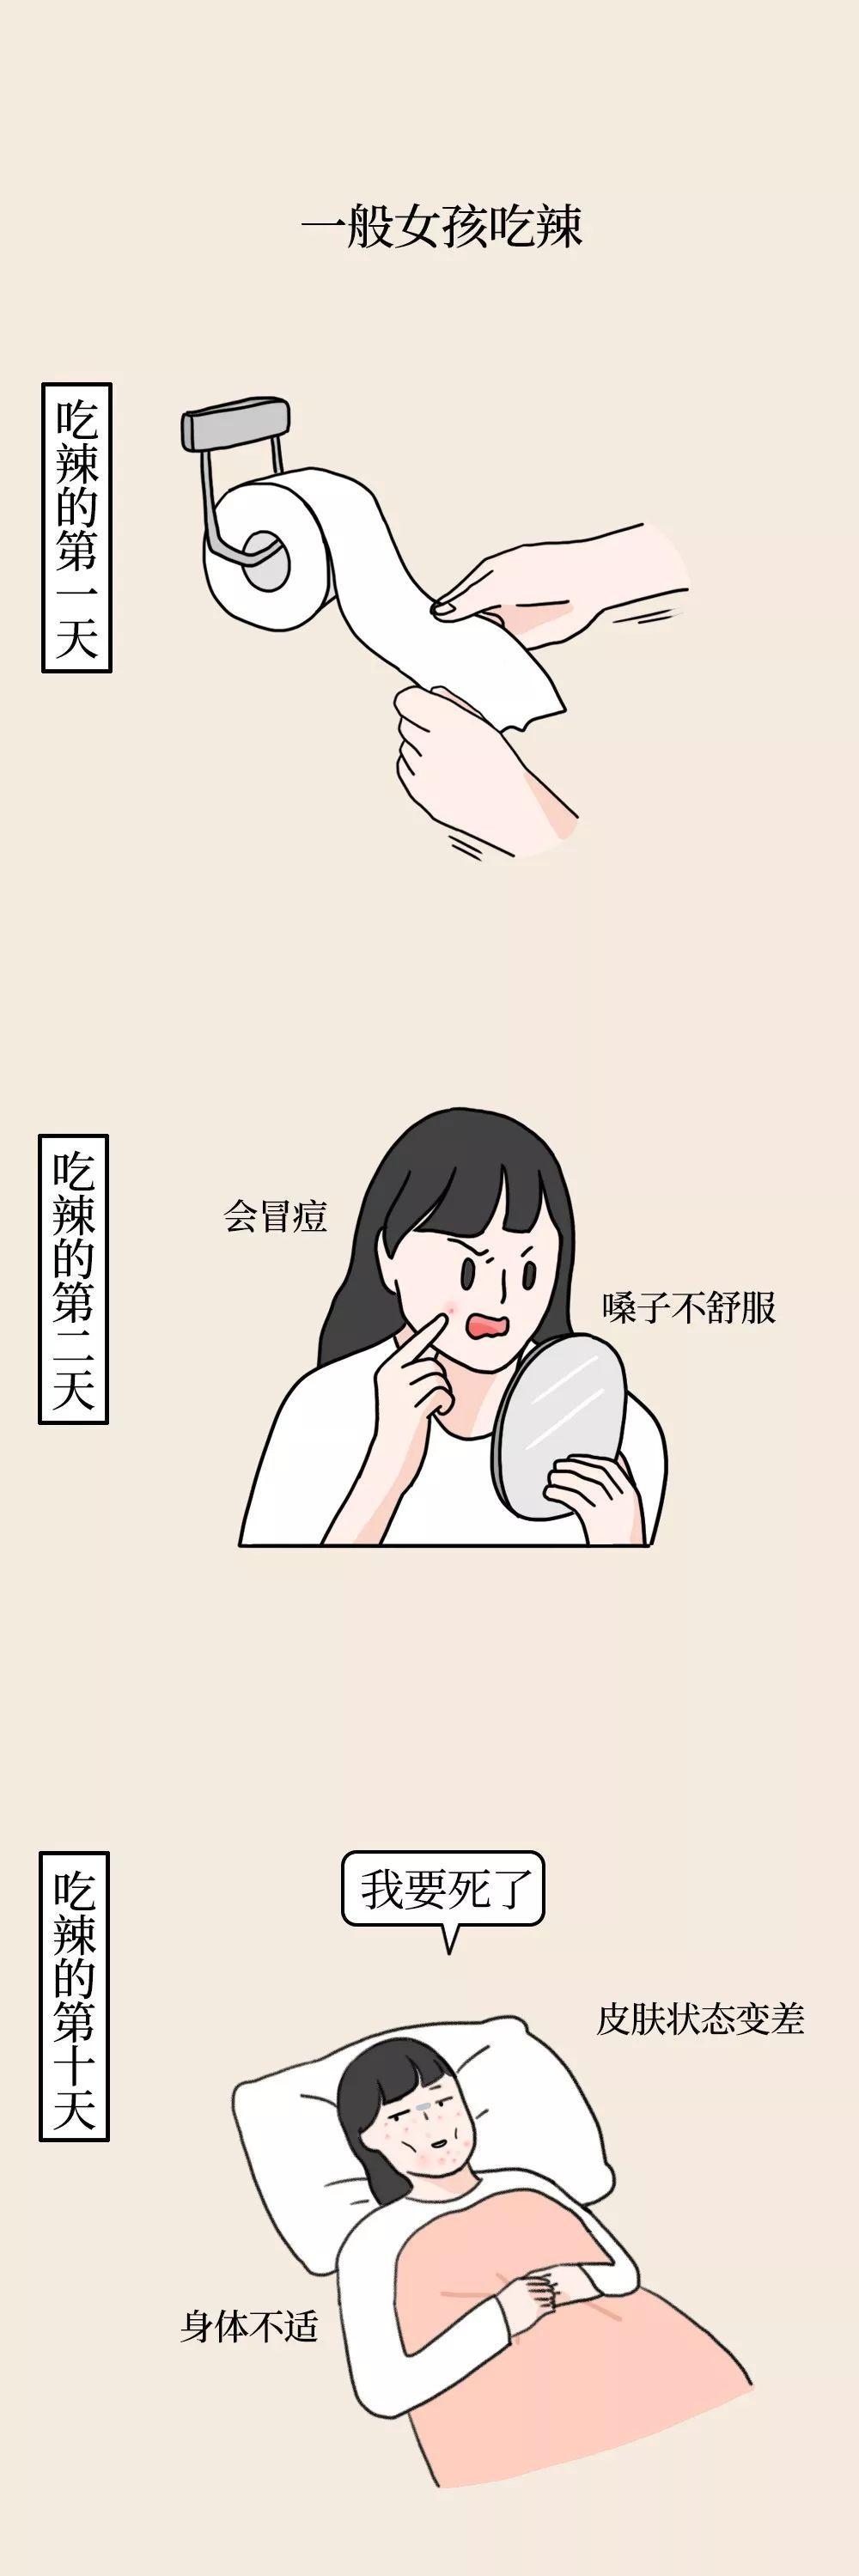 川渝女孩7大特征首曝光:为什么川渝女孩爱吃辣,皮肤却不差? chunji.cn